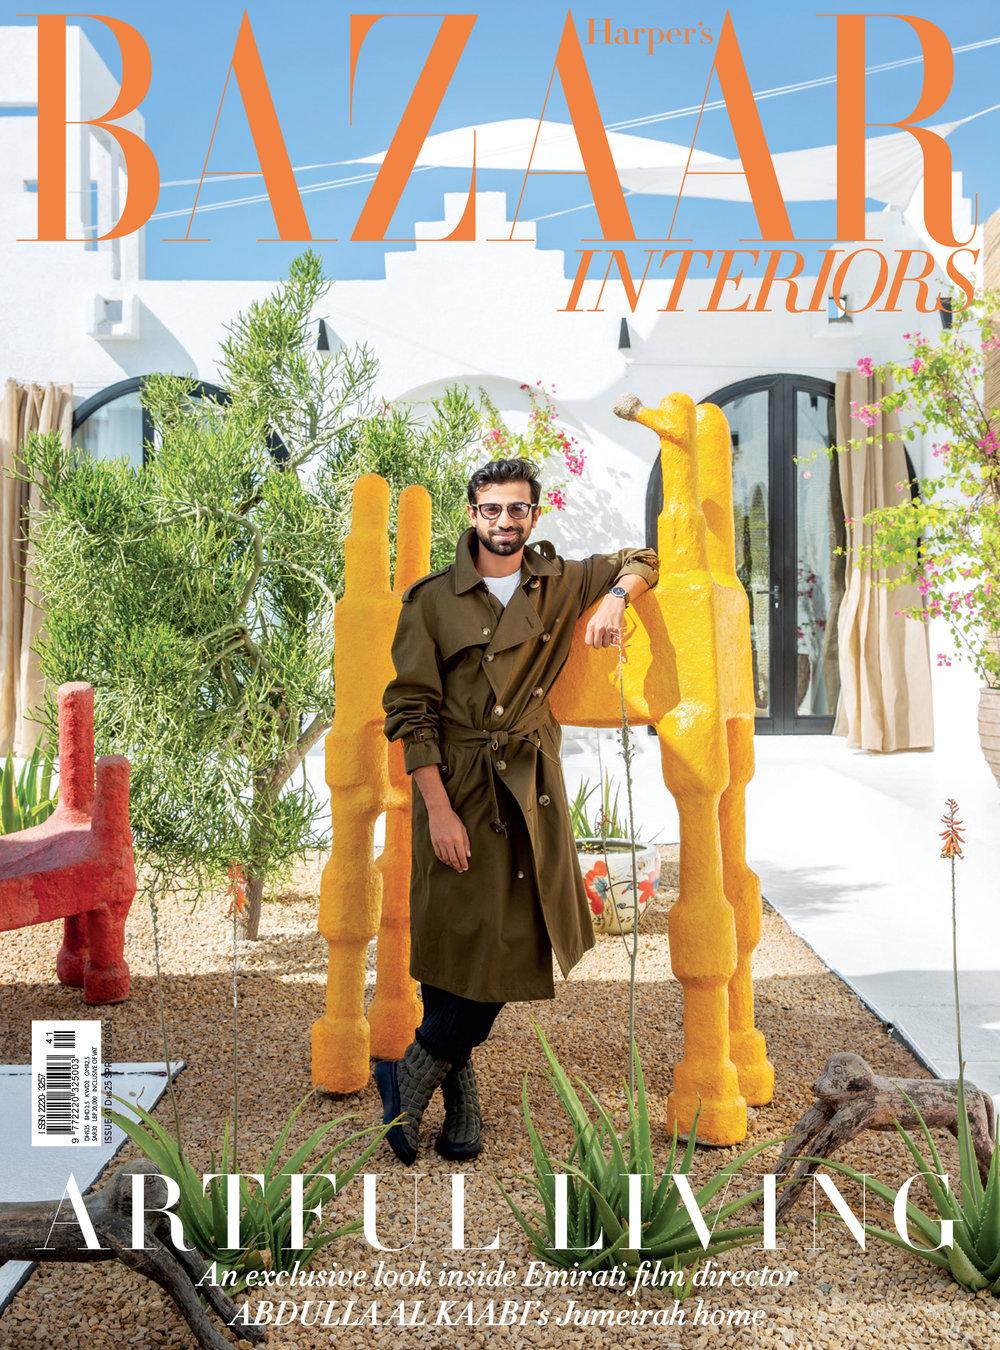 Harper's Bazaar Spring 2019